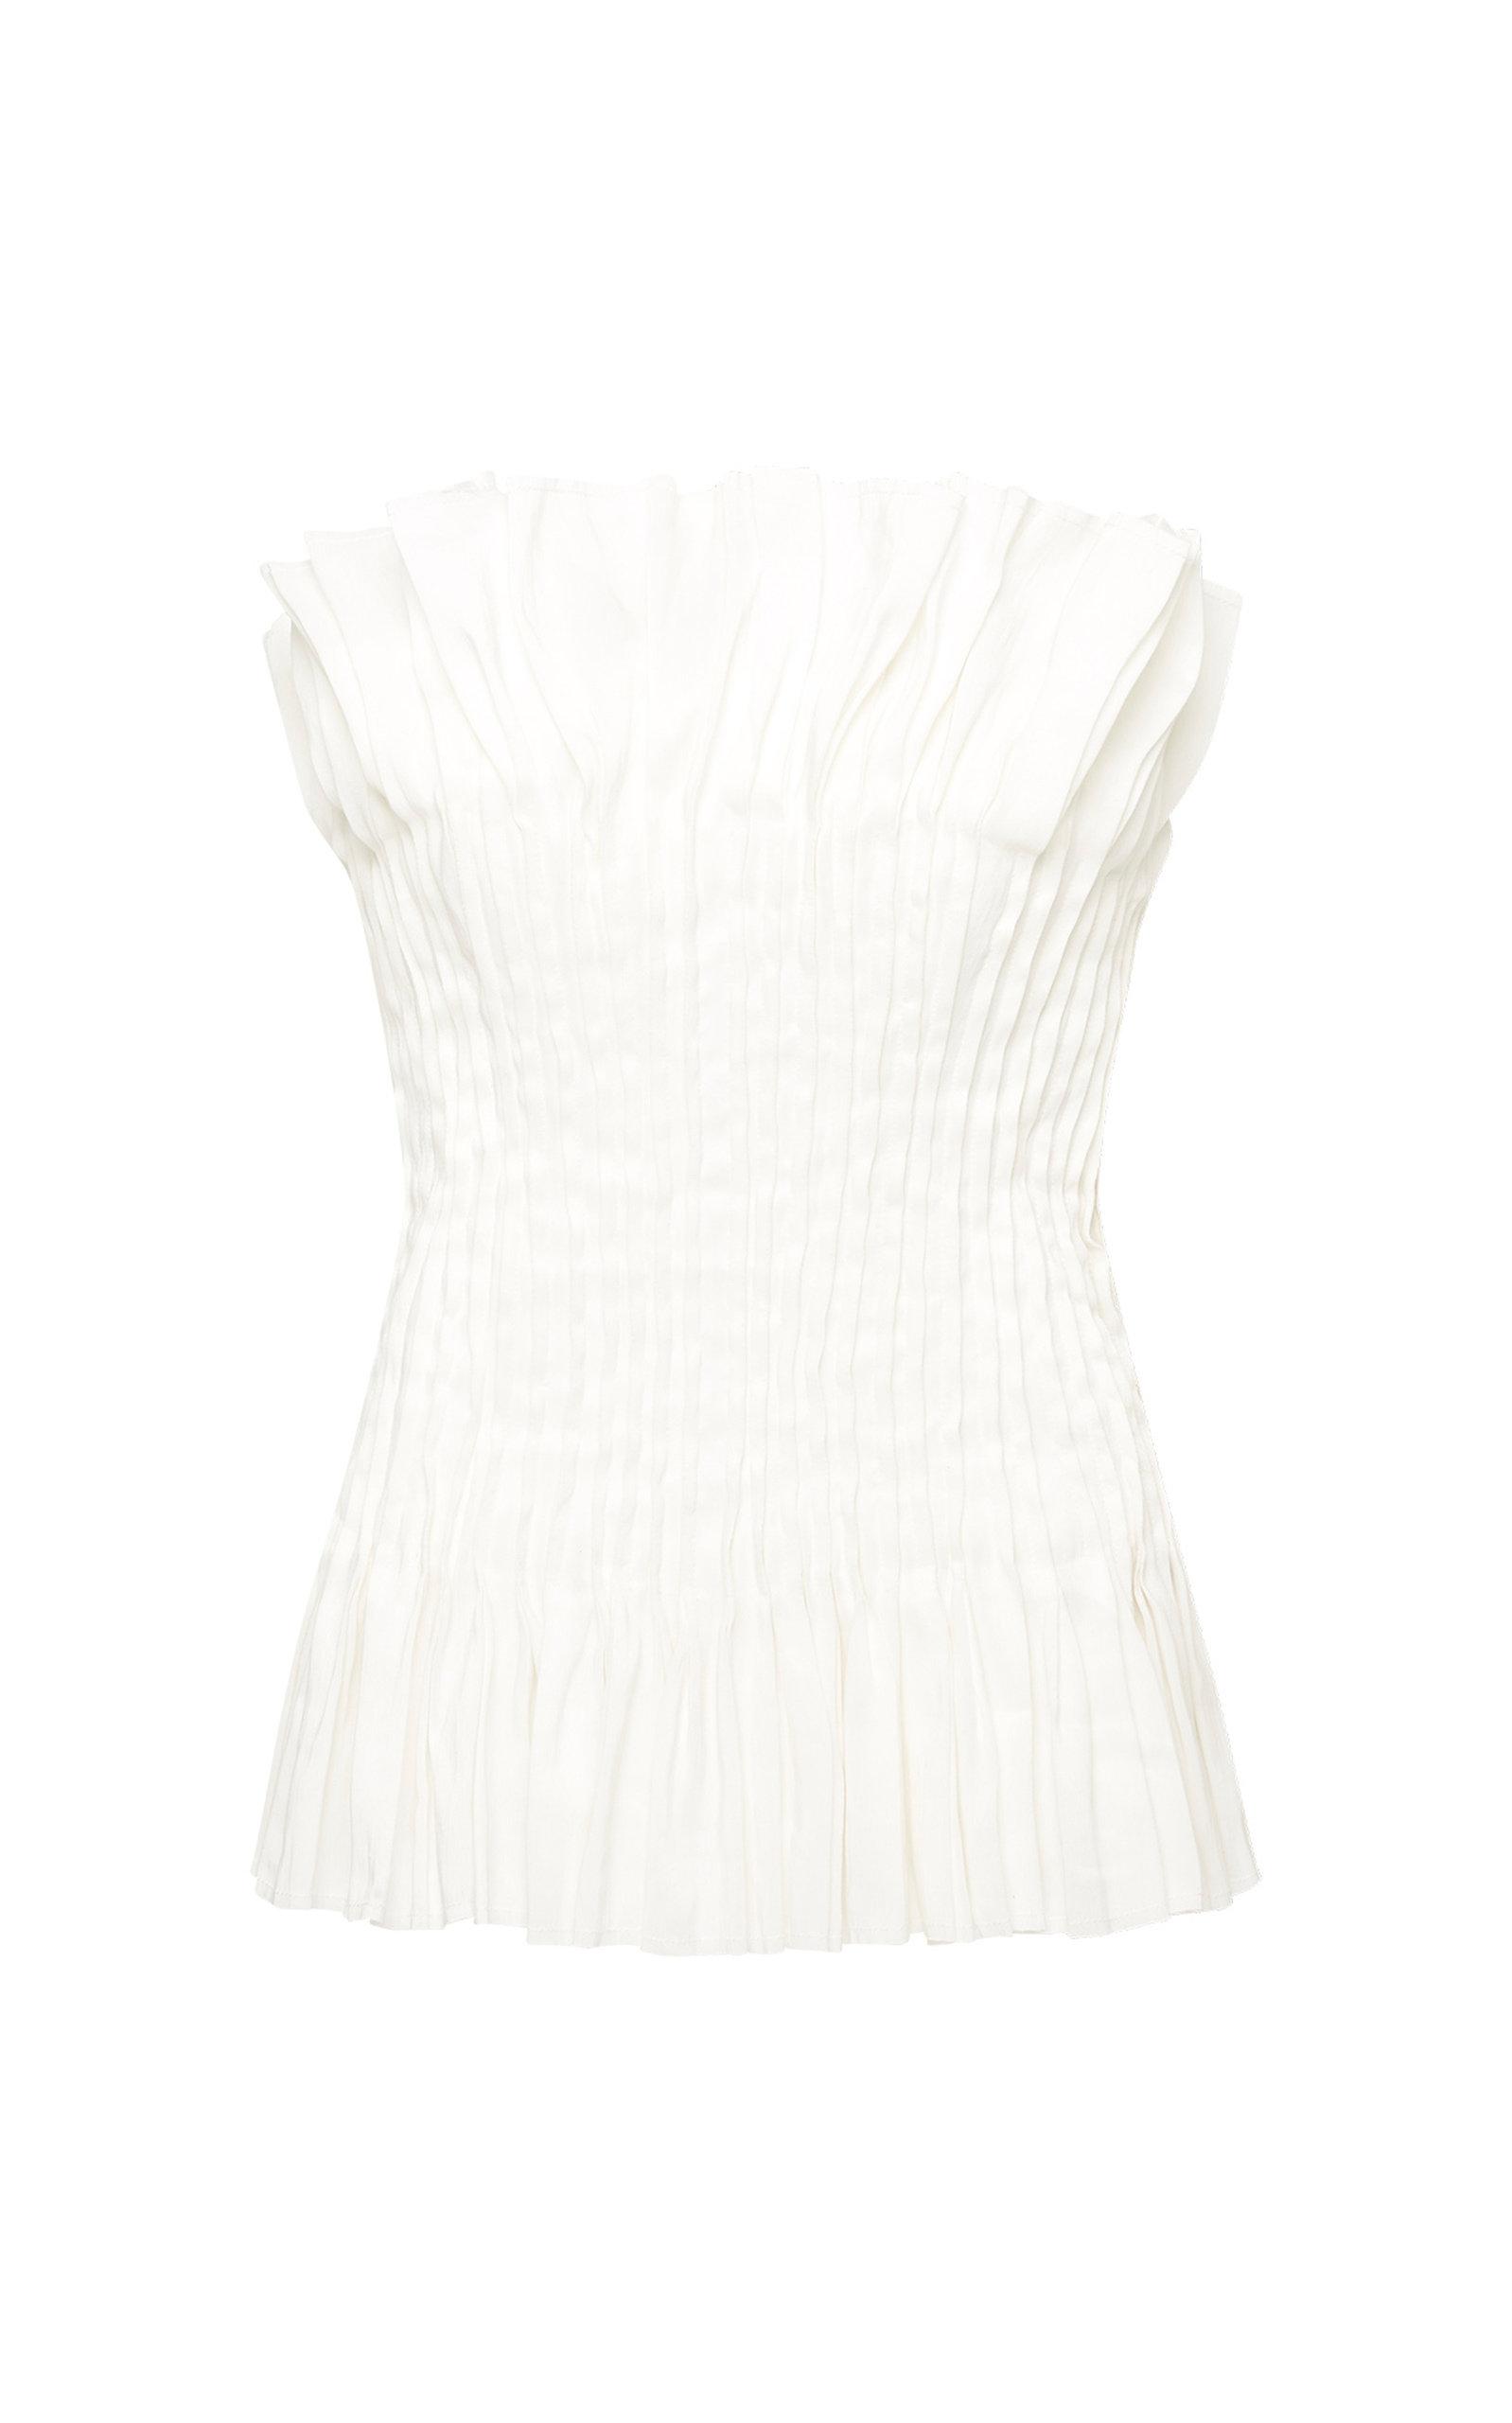 - Women's Utopia Pin-Tucked Linen-Blend Corset Top